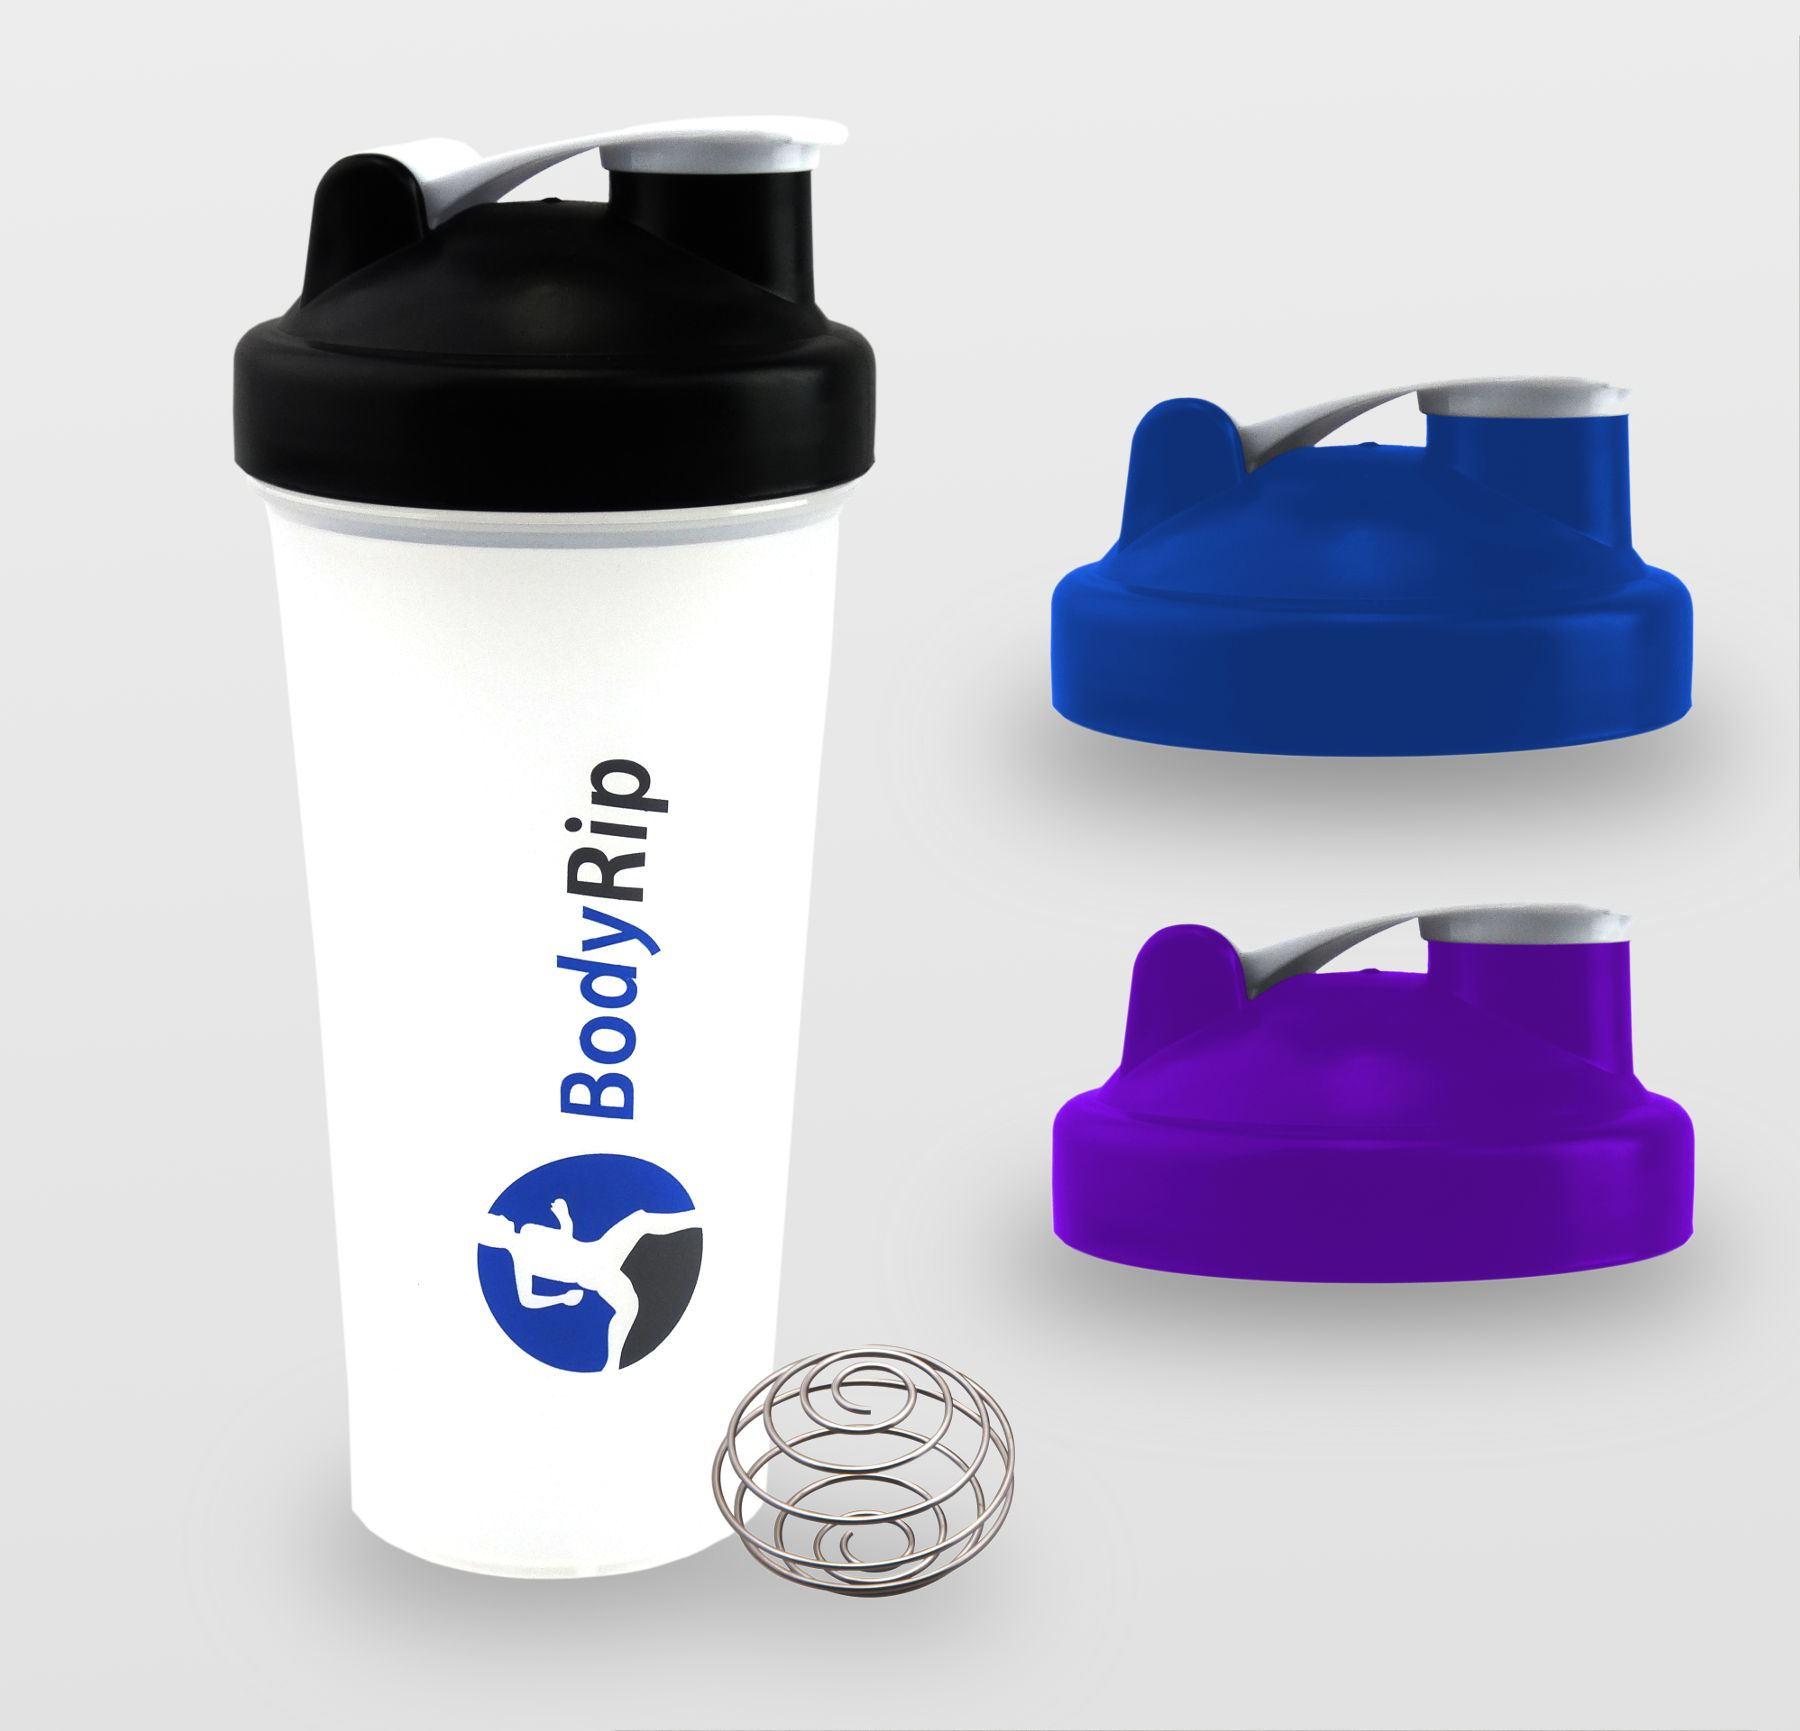 Protein Shaker Bottle Nike: BodyRip 600ml 20oz PROTEIN SHAKER BLENDER MIXER BOTTLE CUP